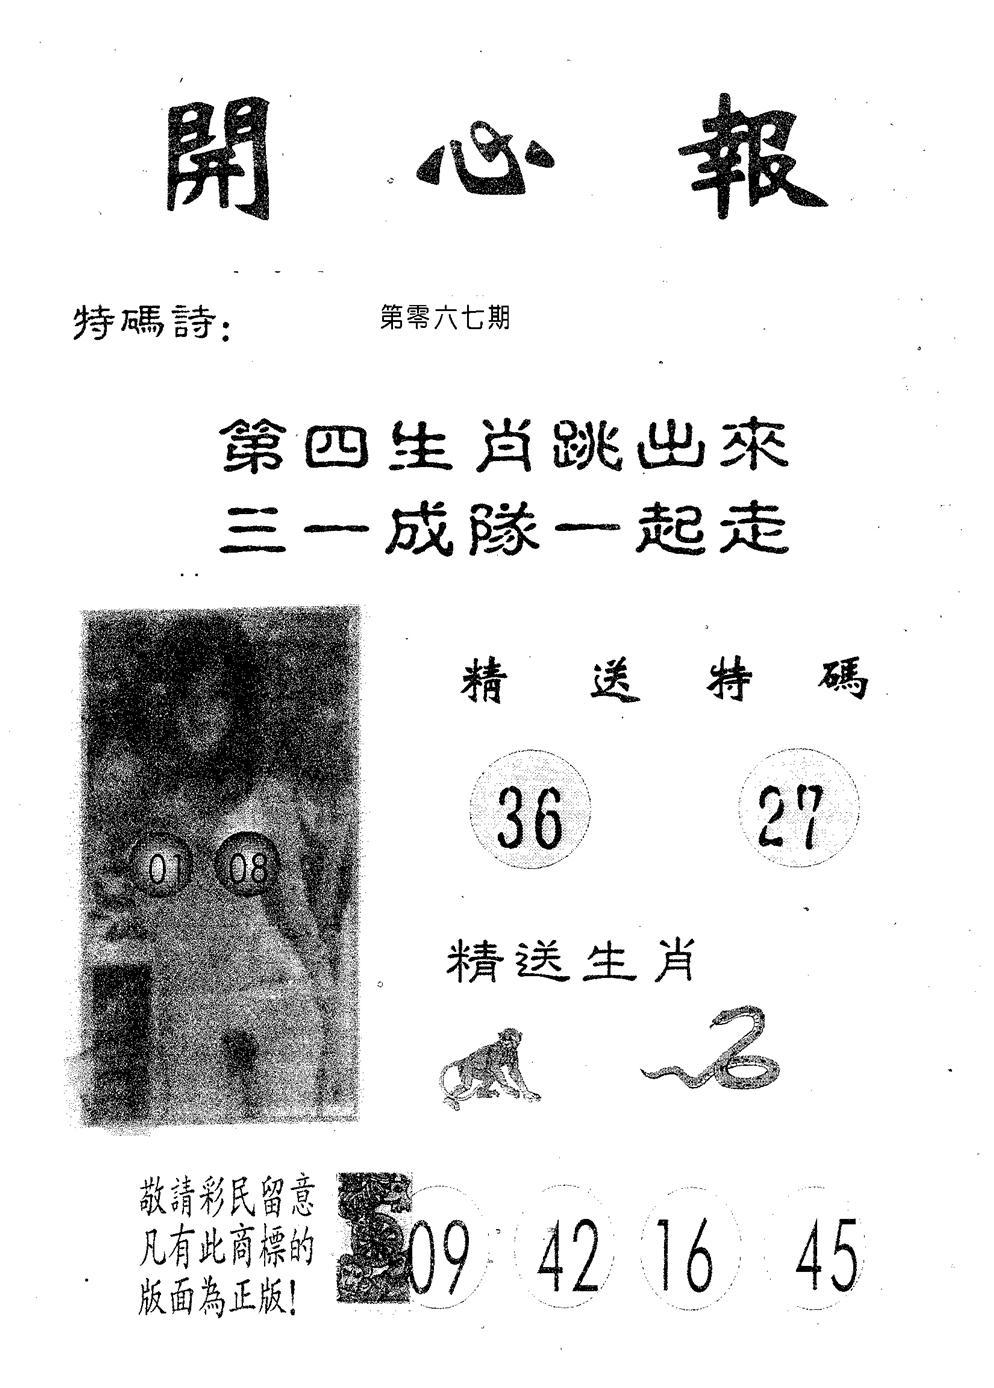 067期开心报(黑白)